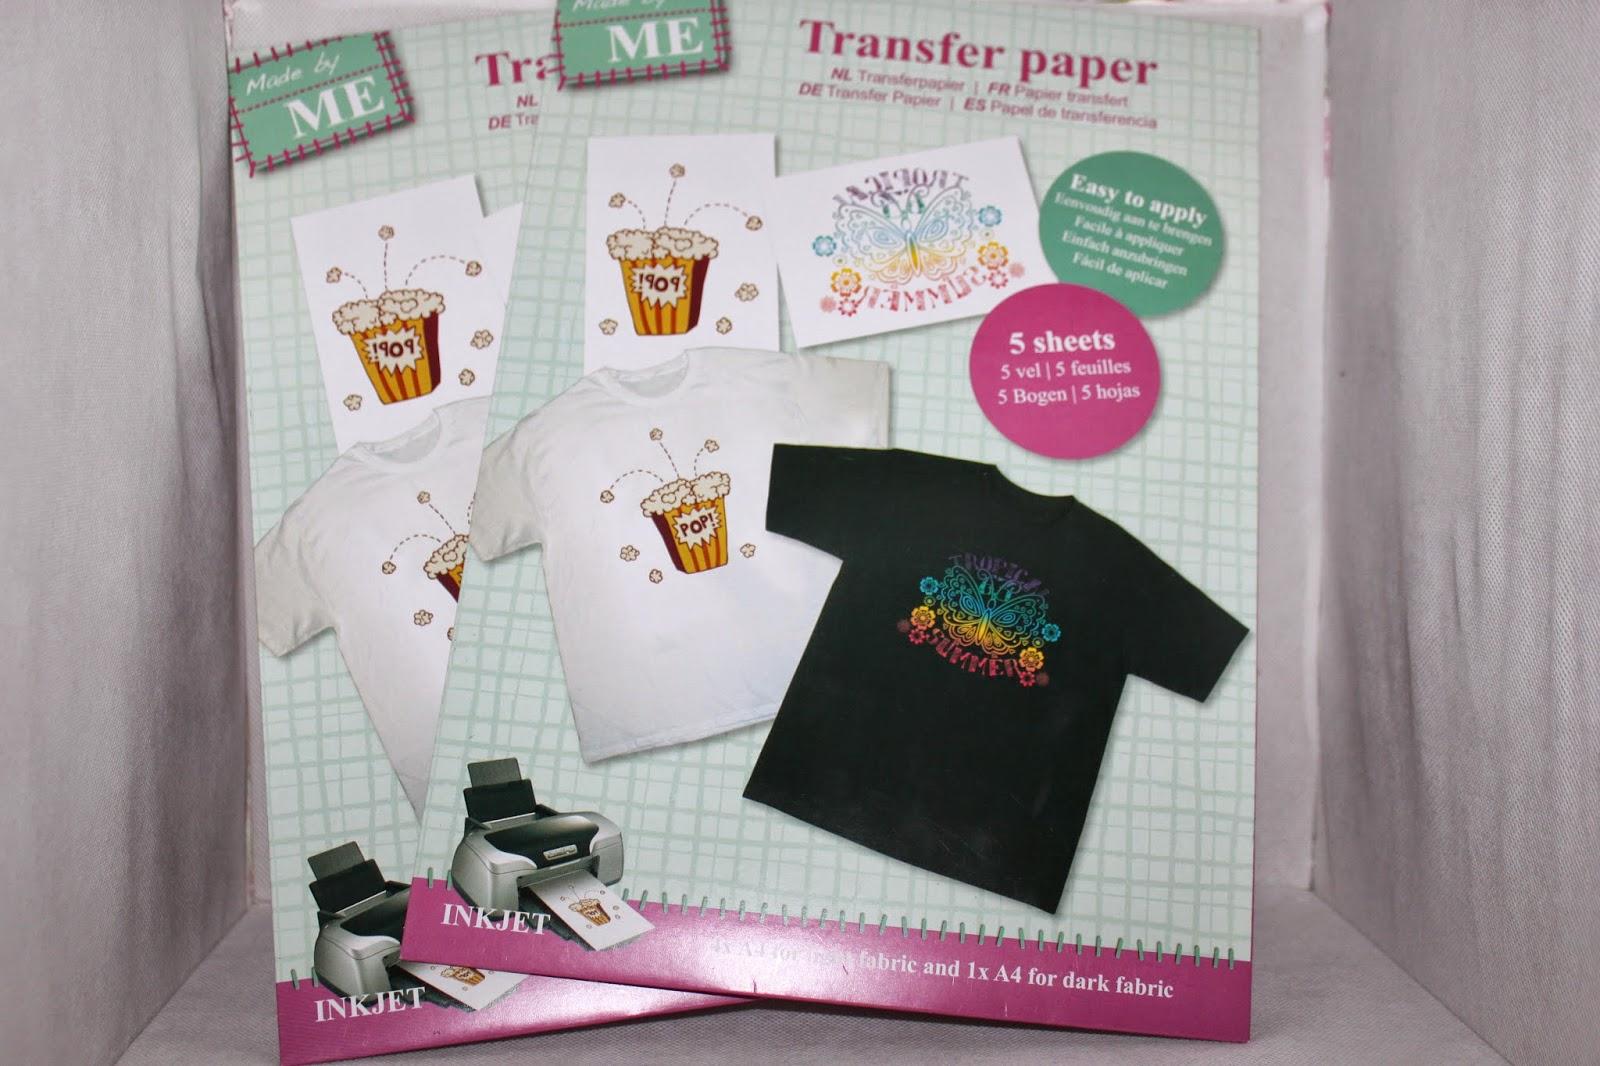 Transfer papier action